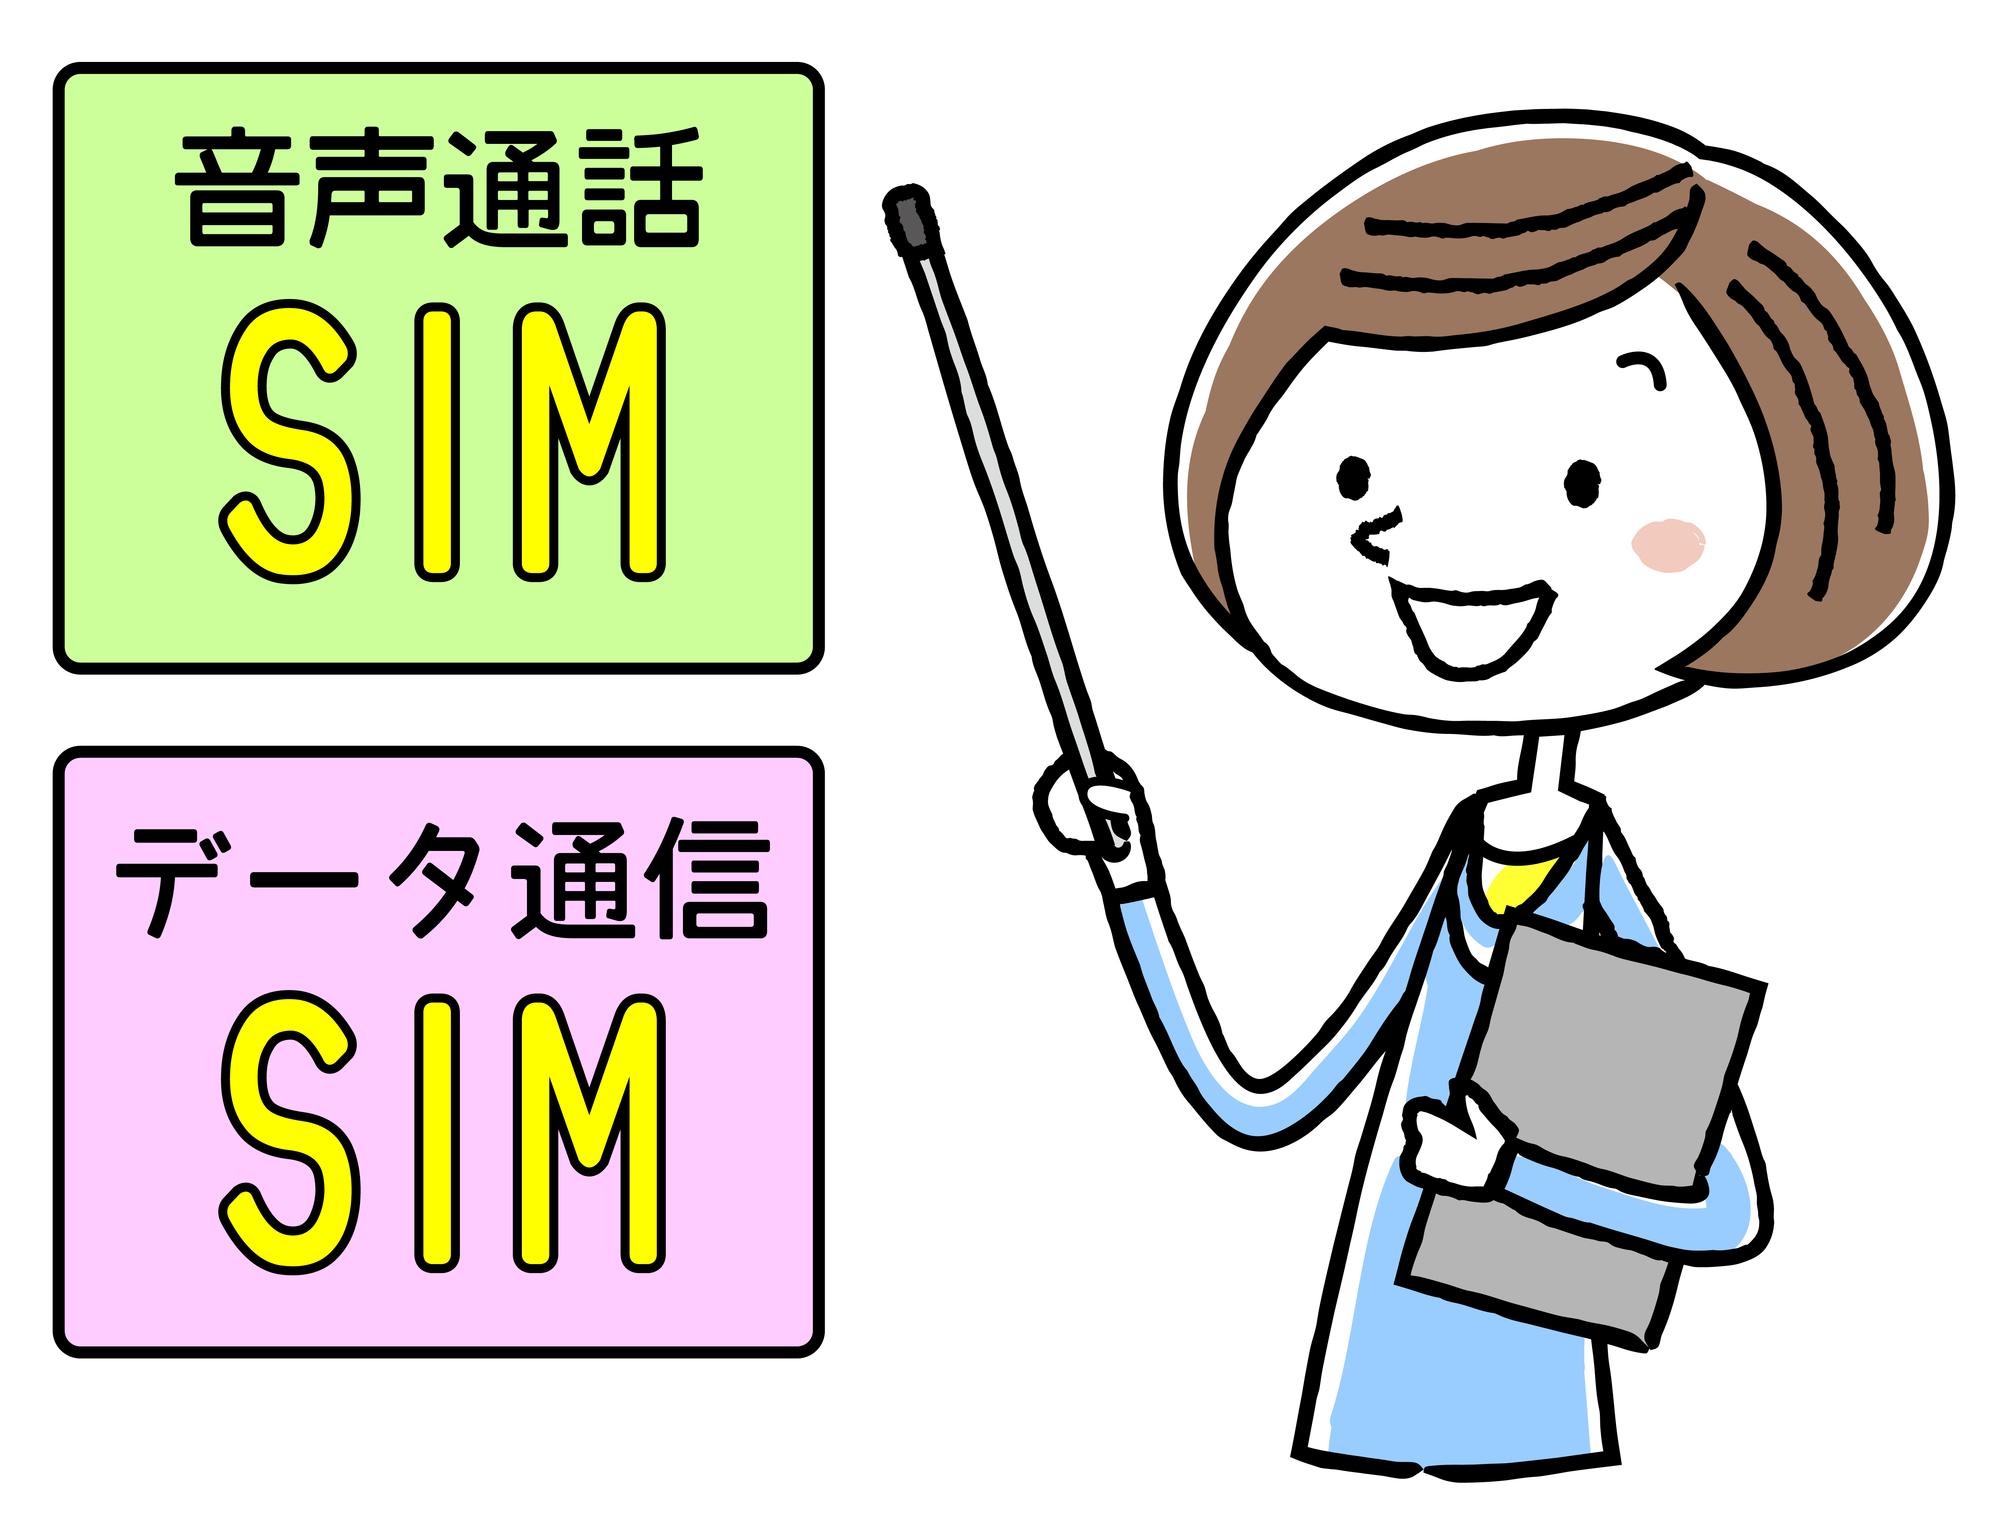 格安スマホ・格安SIMの基礎知識 初心者でも分かる用語解説